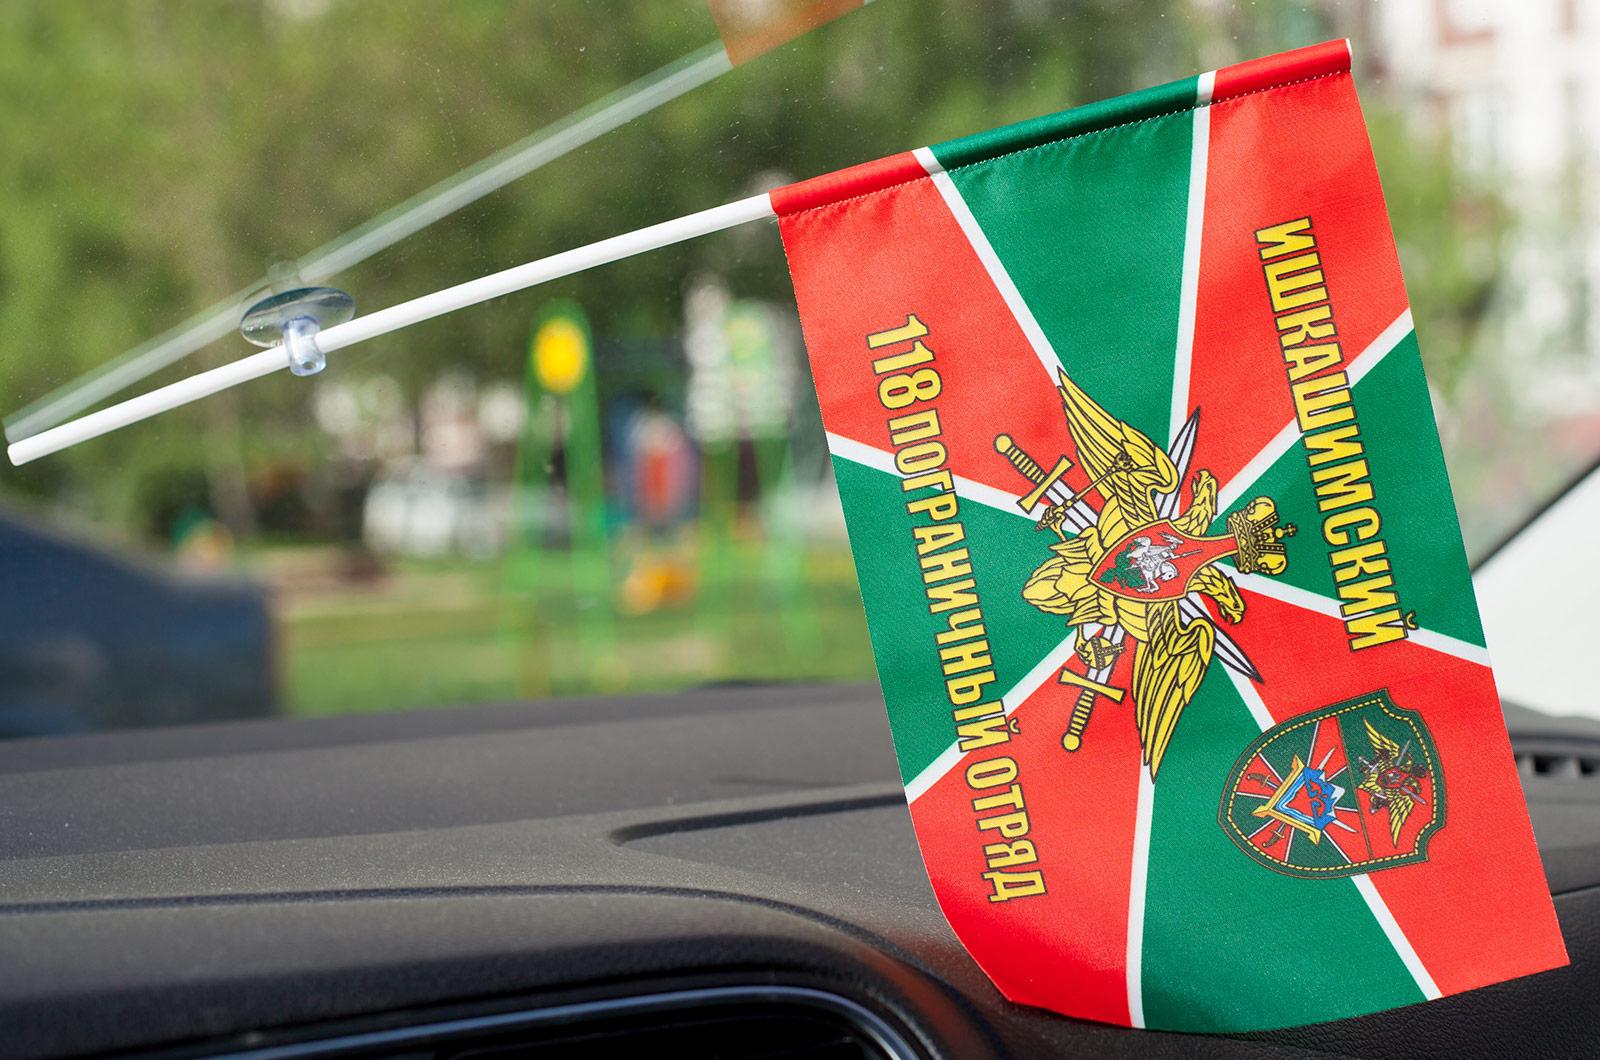 Купить флажок в машину «Ишкашимский пограничный отряд»